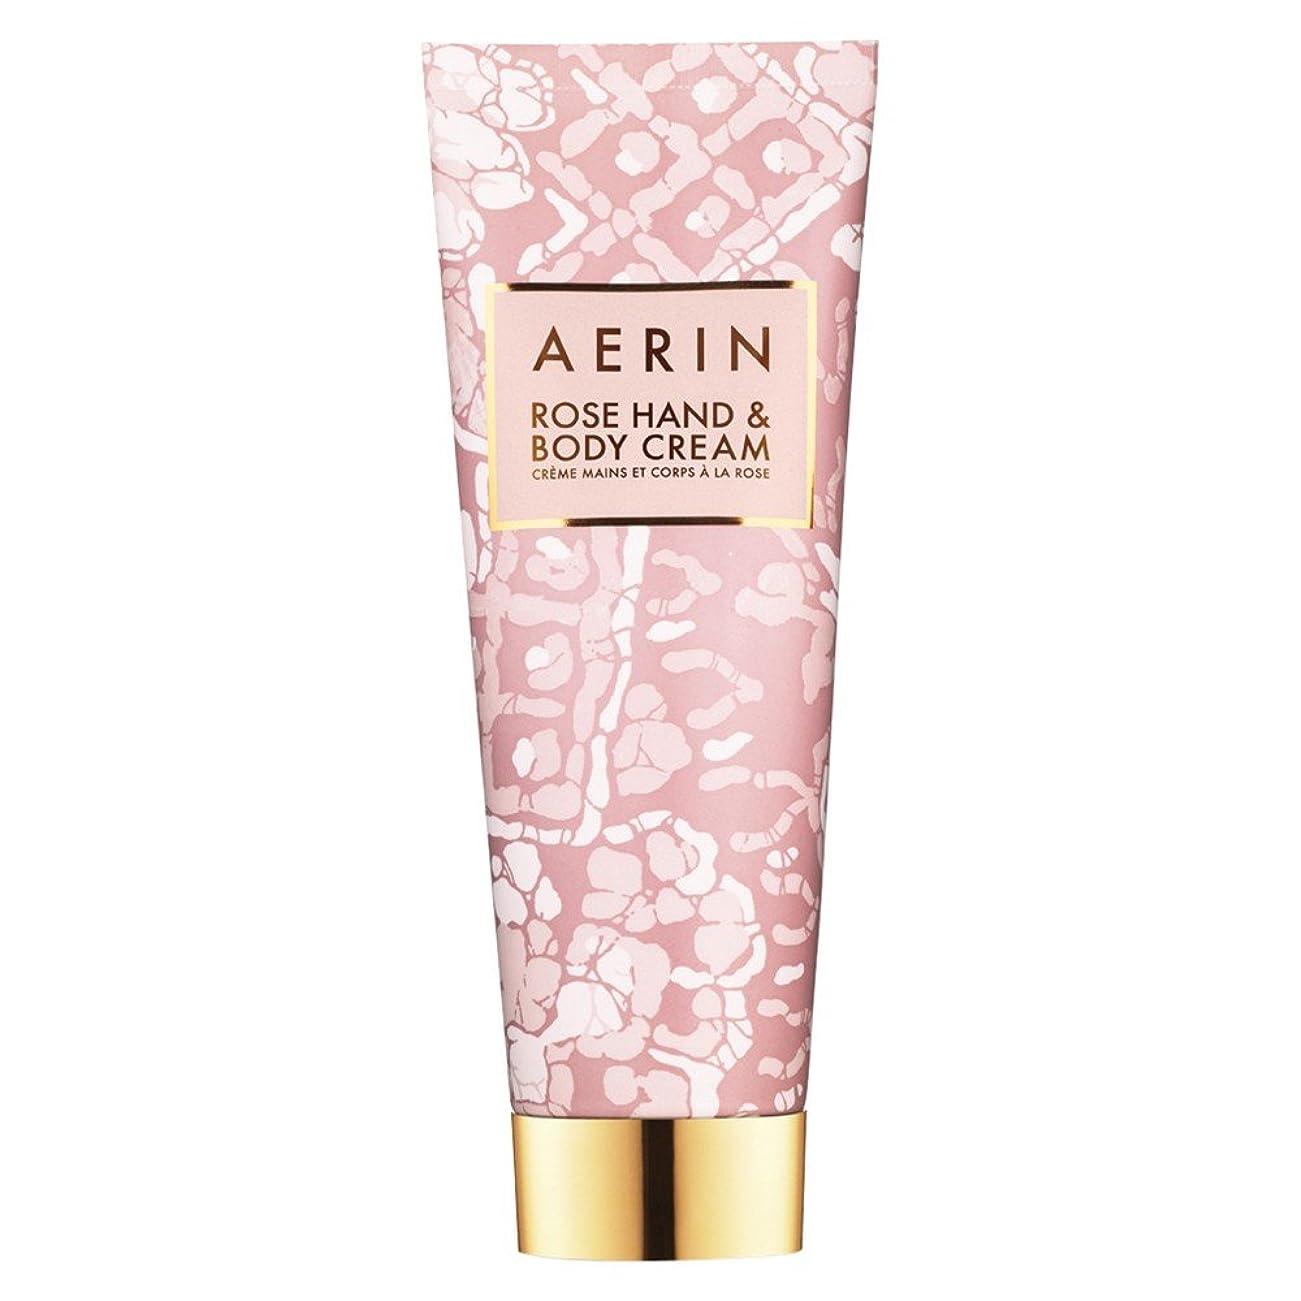 解釈するすり人種Aerinはハンド&ボディクリーム125ミリリットルをバラ (AERIN) - AERIN Rose Hand & Body Cream 125ml [並行輸入品]